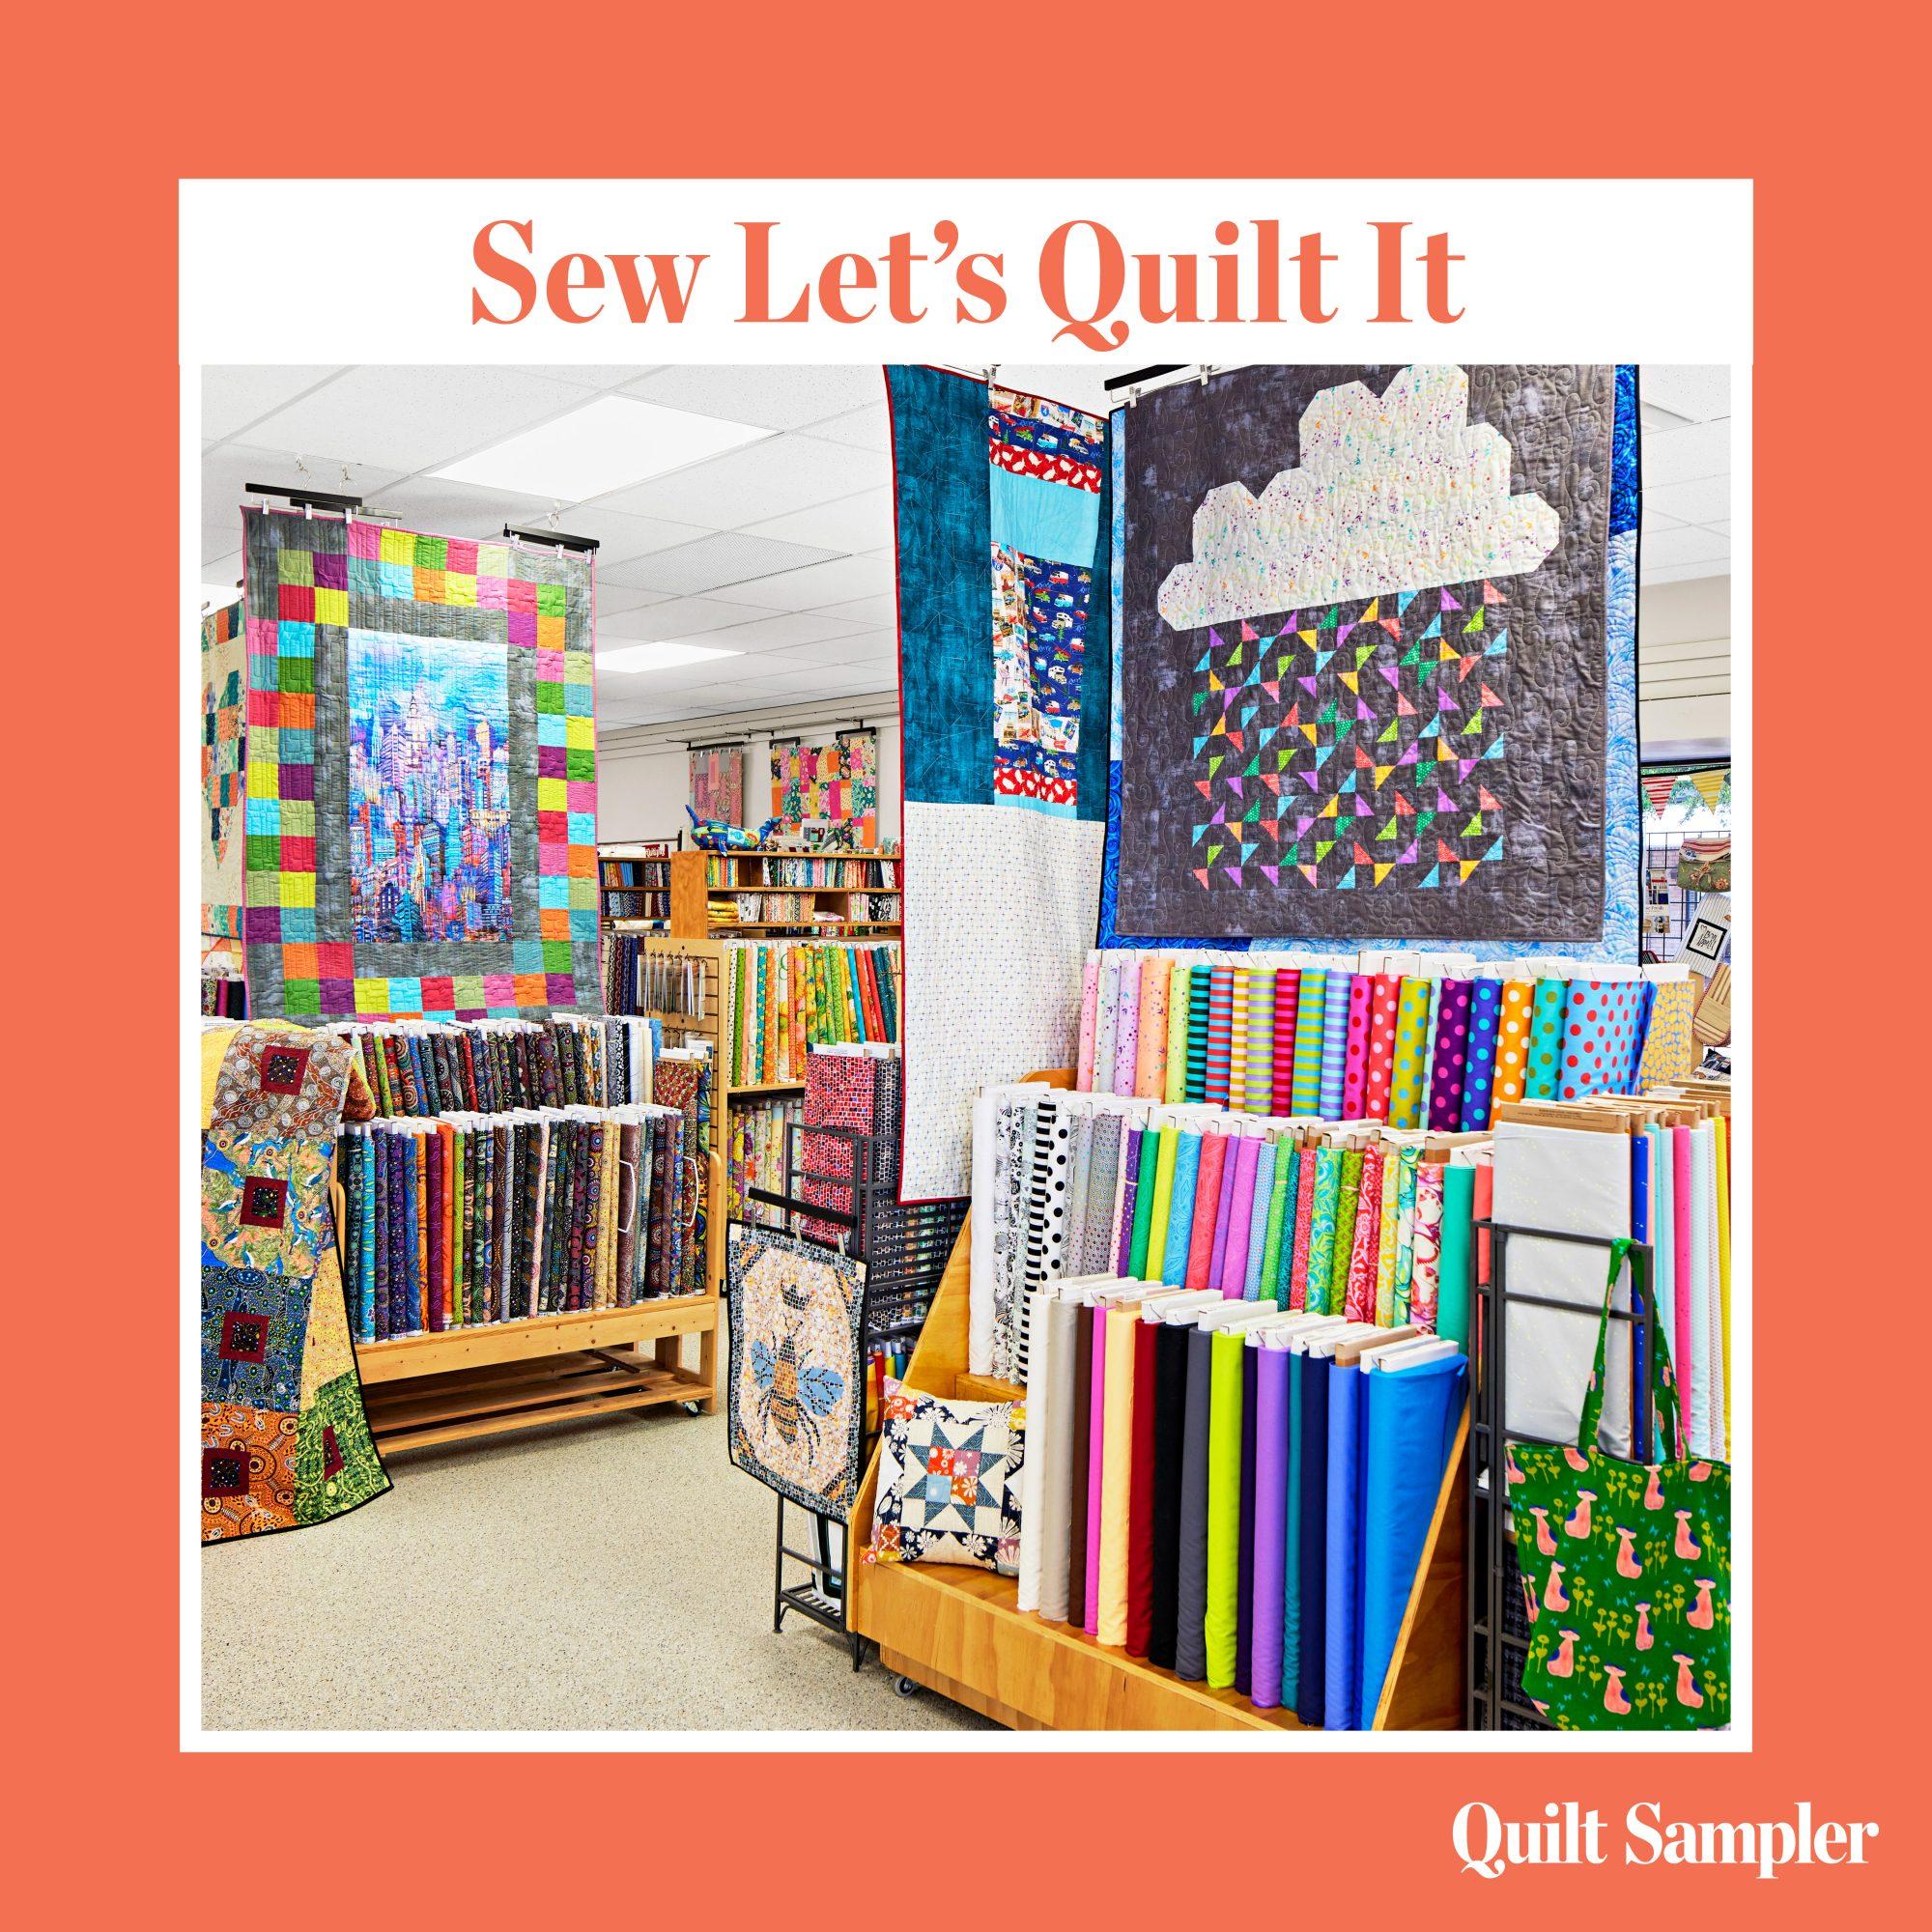 Sew Let's Quilt It